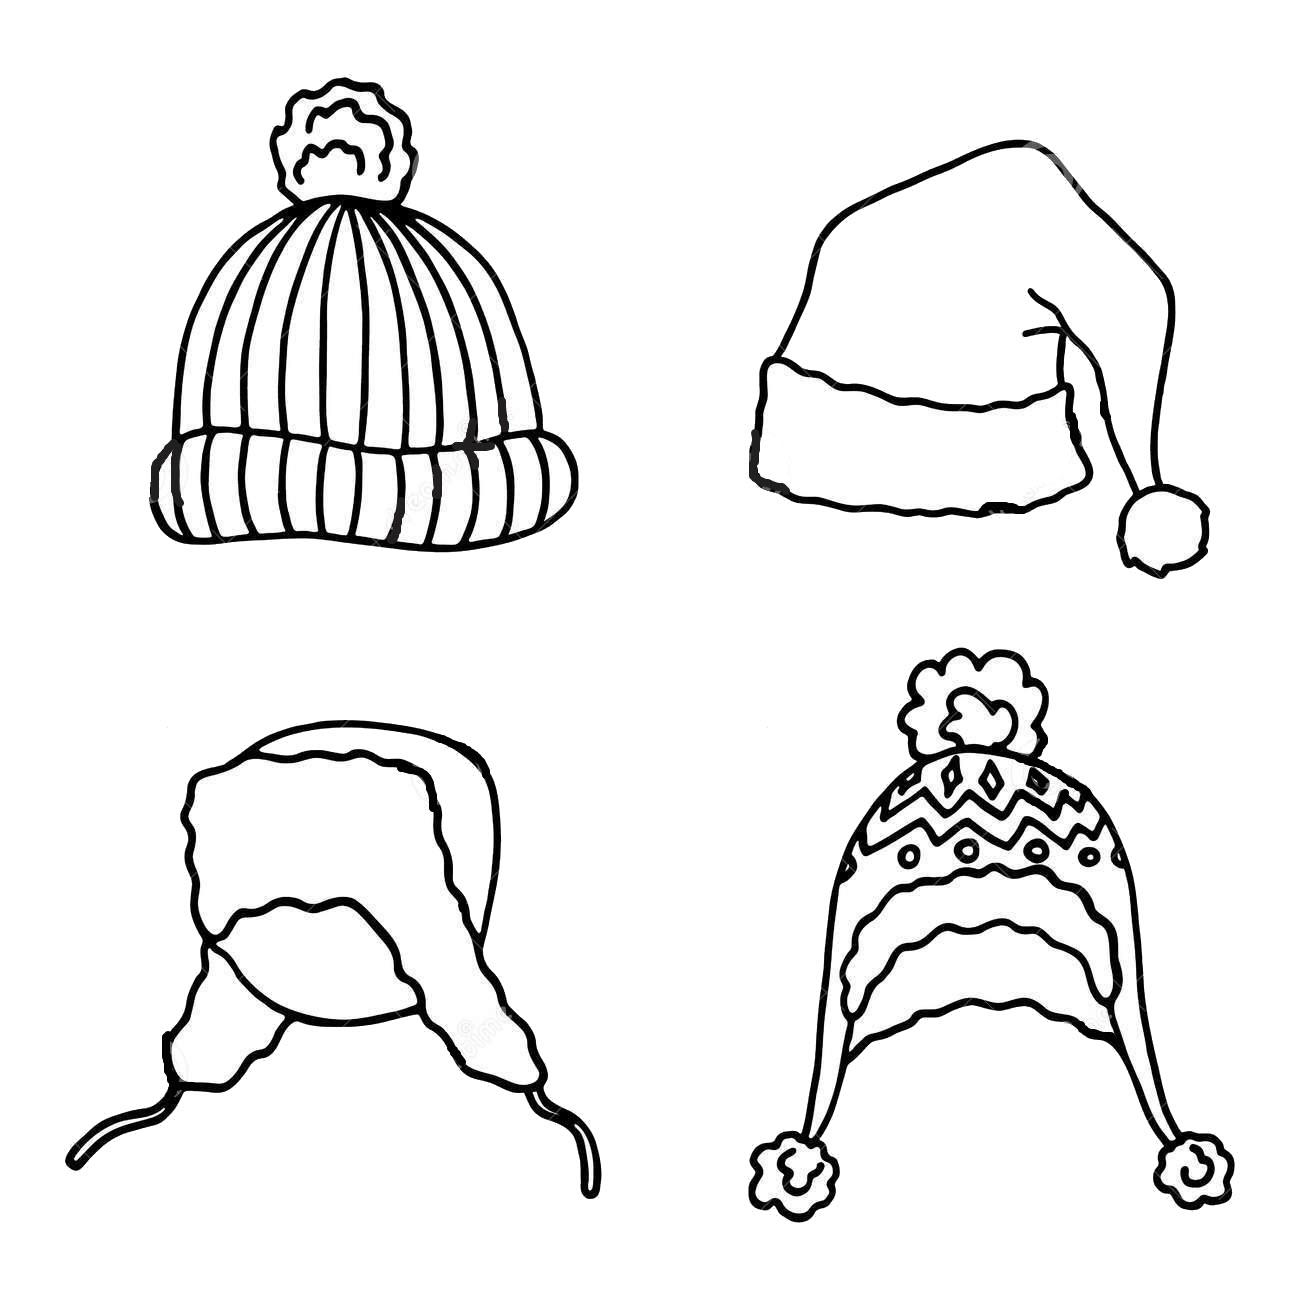 Tranh tô màu mũ mùa đông